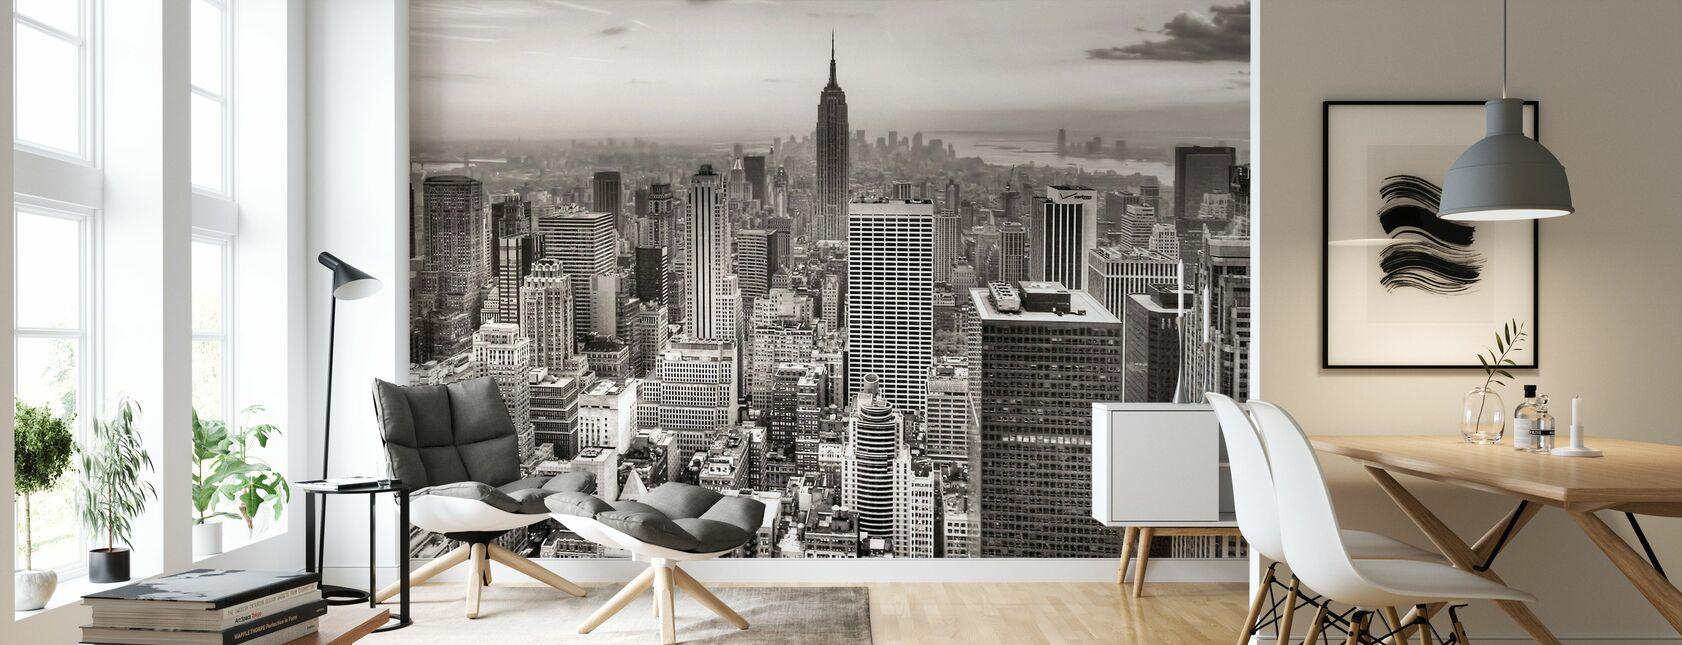 New York, États-Unis - Papier peint - Salle à manger